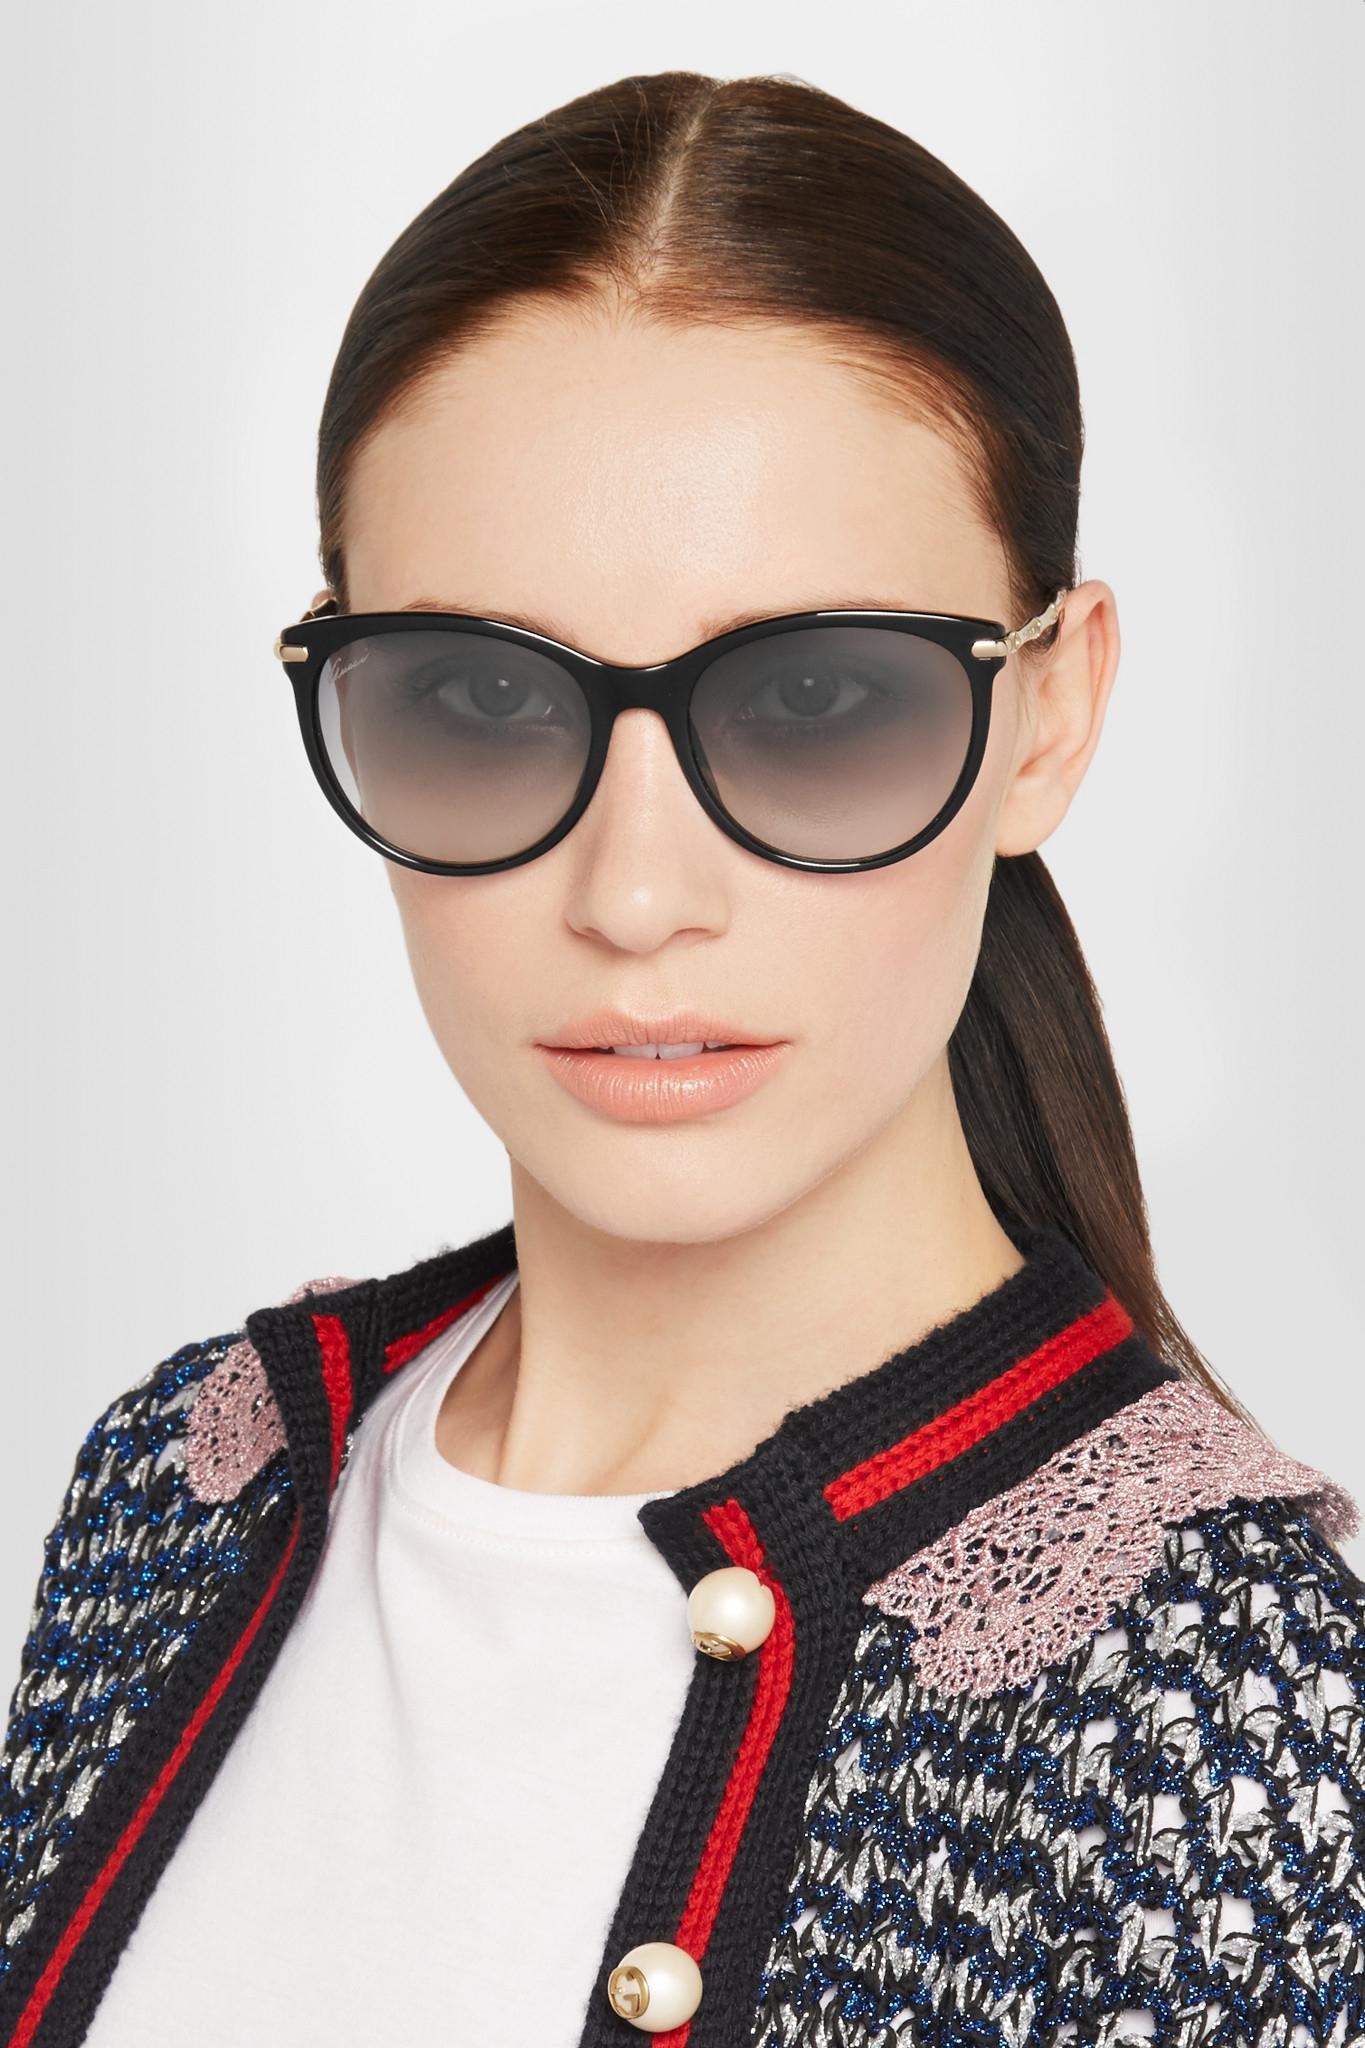 Adornados De Acetato De Ojos De Gato Y De Tono De Oro Gafas De Sol - Gucci Negro h9nNMy2th